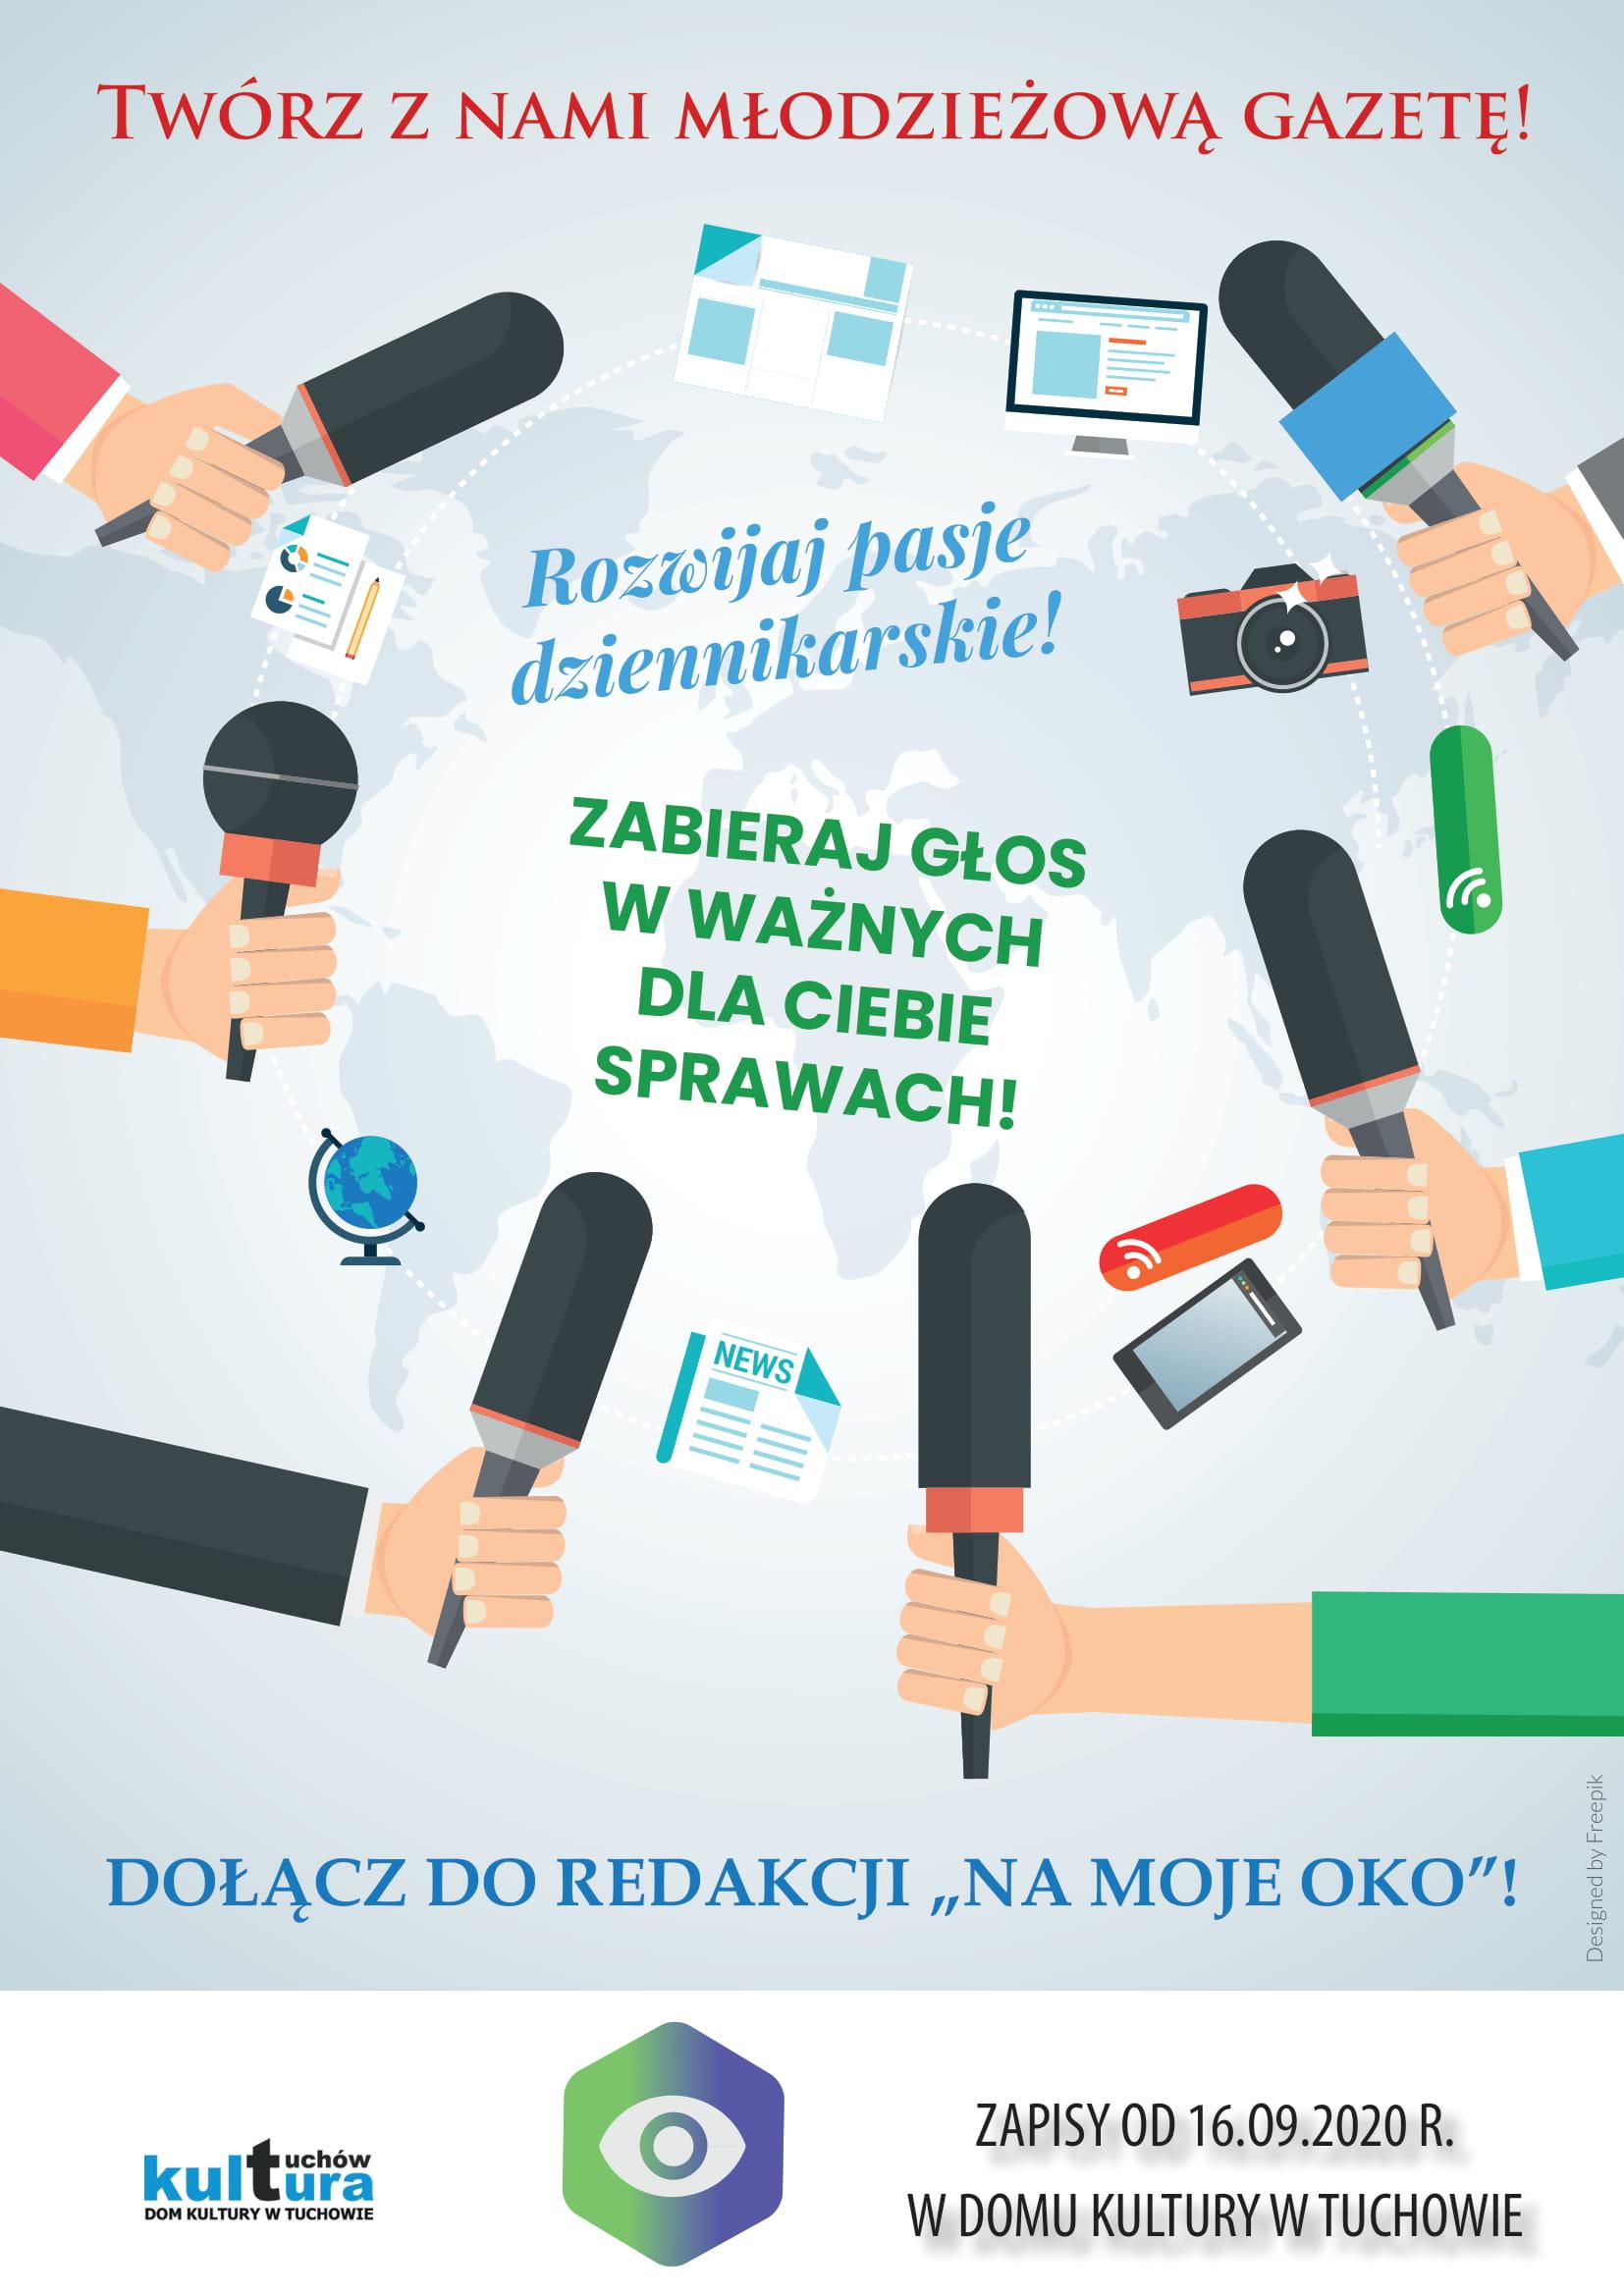 """Zabierz głos w ważnych dla Ciebie sprawach i rozwijaj swoje pasje dziennikarskie! Dołącz do redakcji """"Na moje oko""""!"""